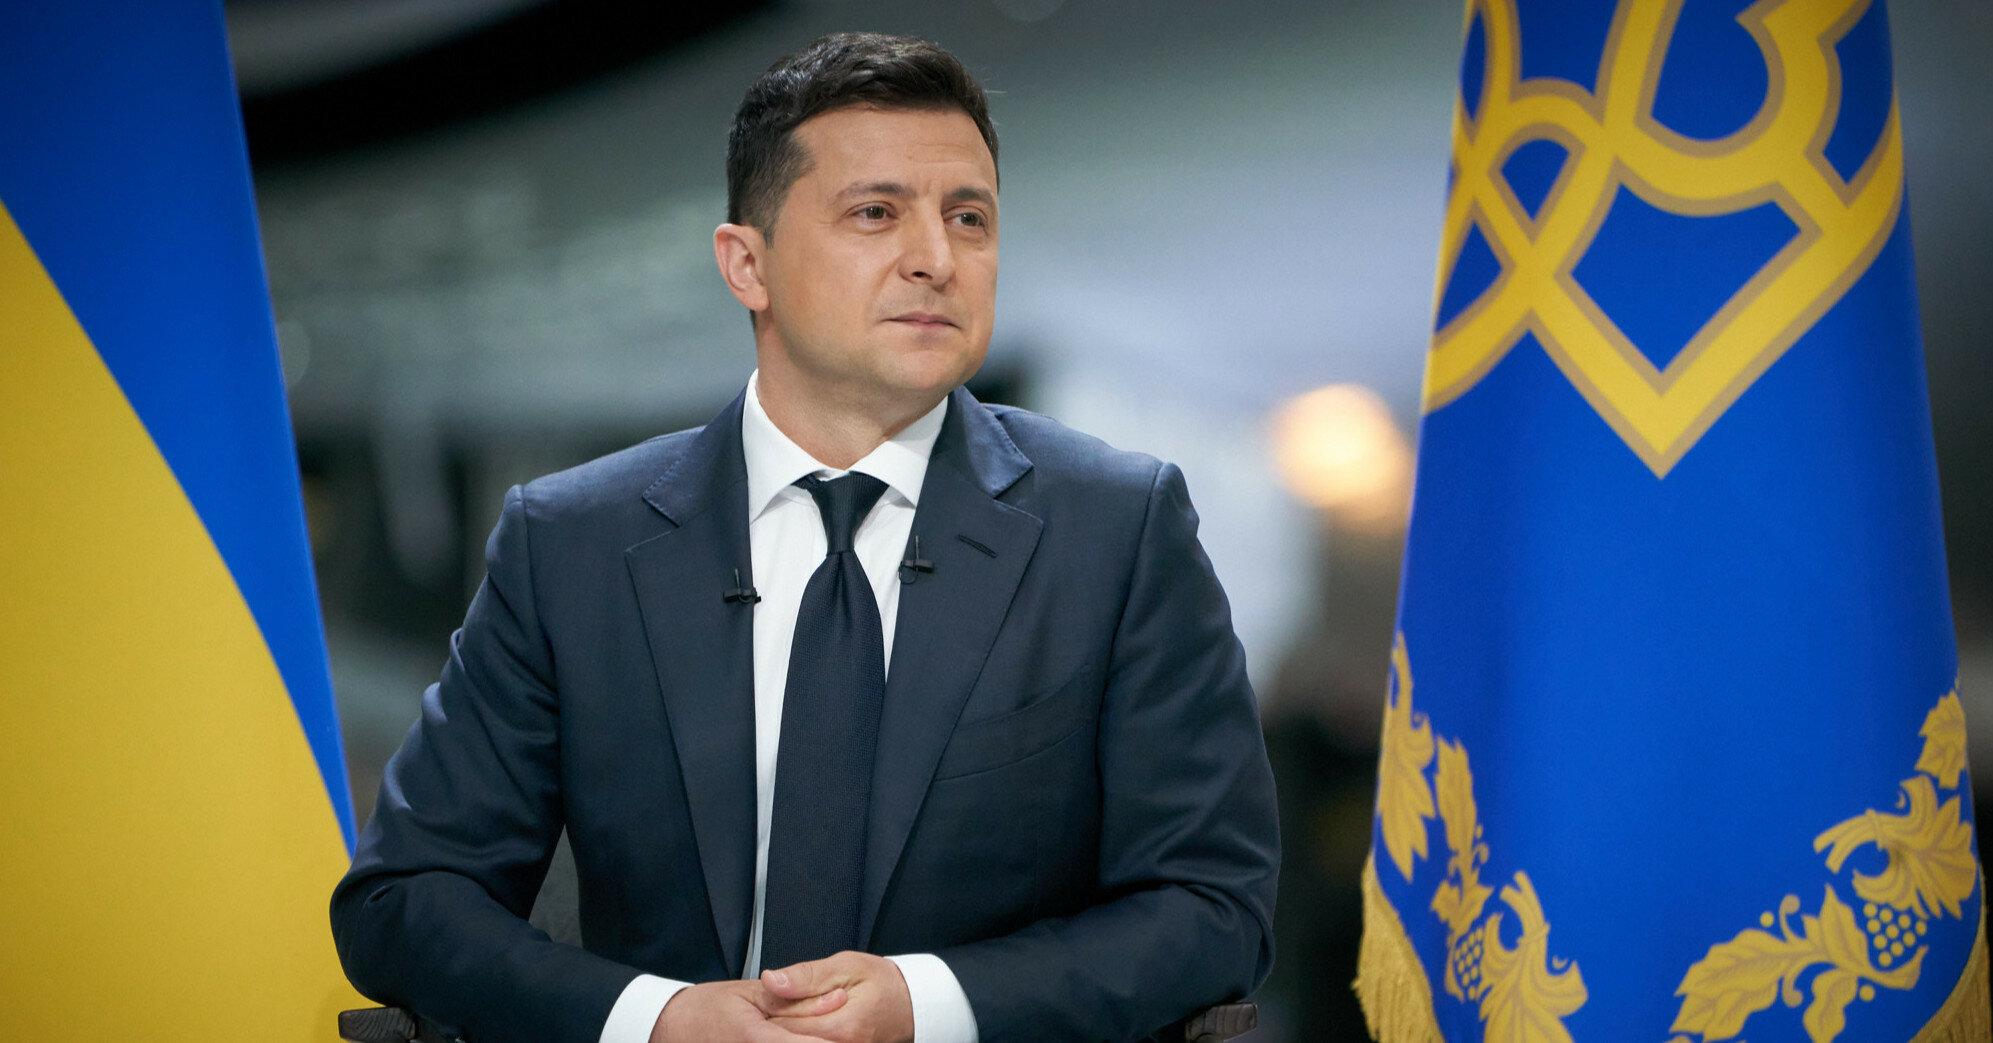 Зеленский надеется, что США окажут помощь по вопросу Донбасса